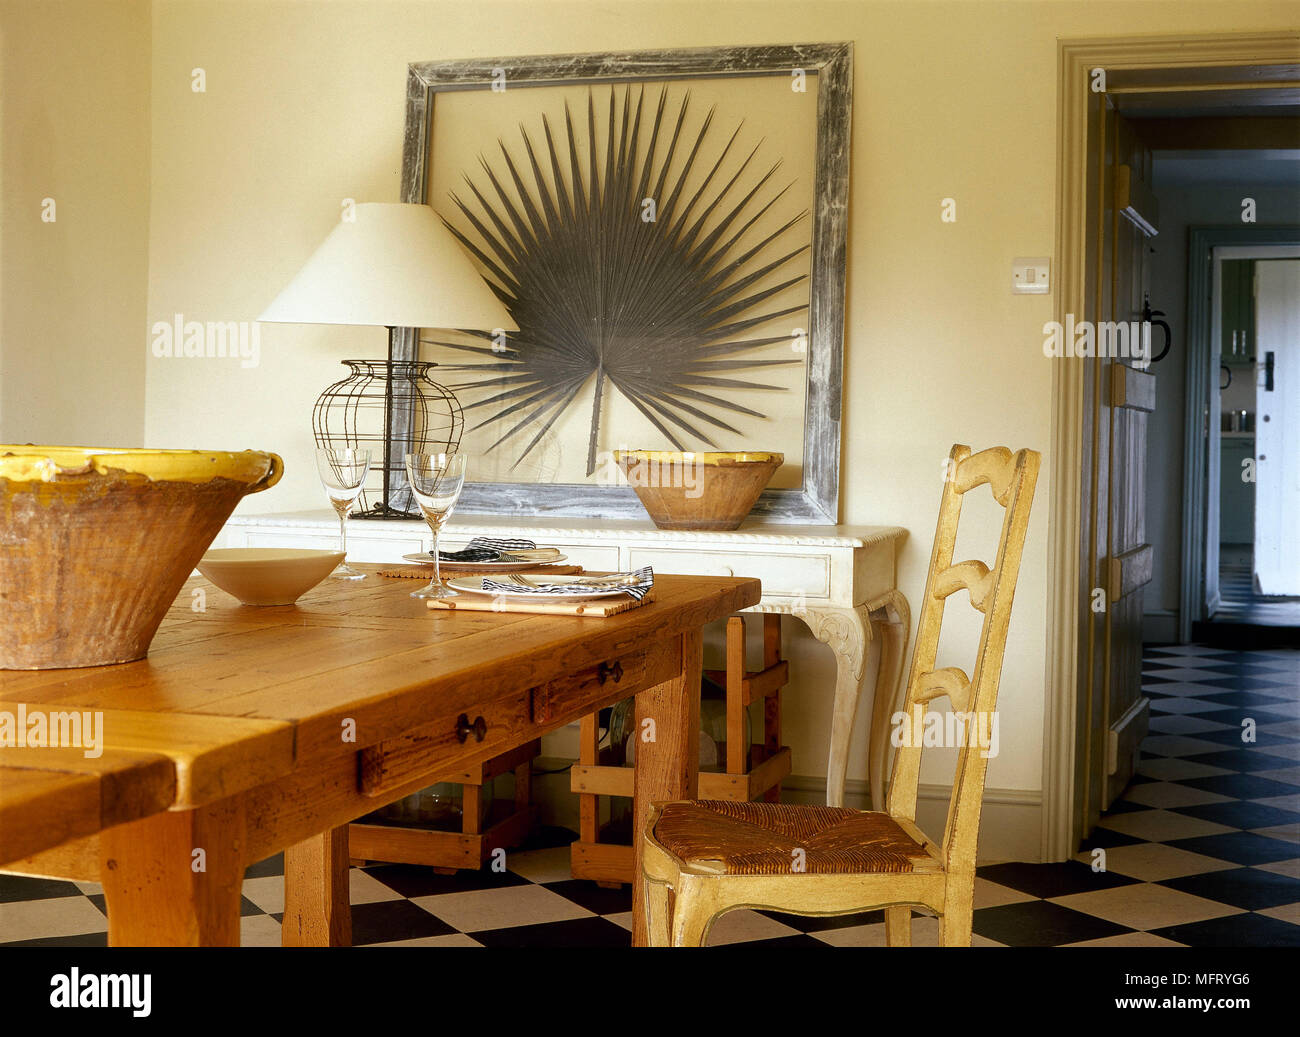 pays salle a manger table en pin chaise en bois table de bols de pierre interieurs chambres